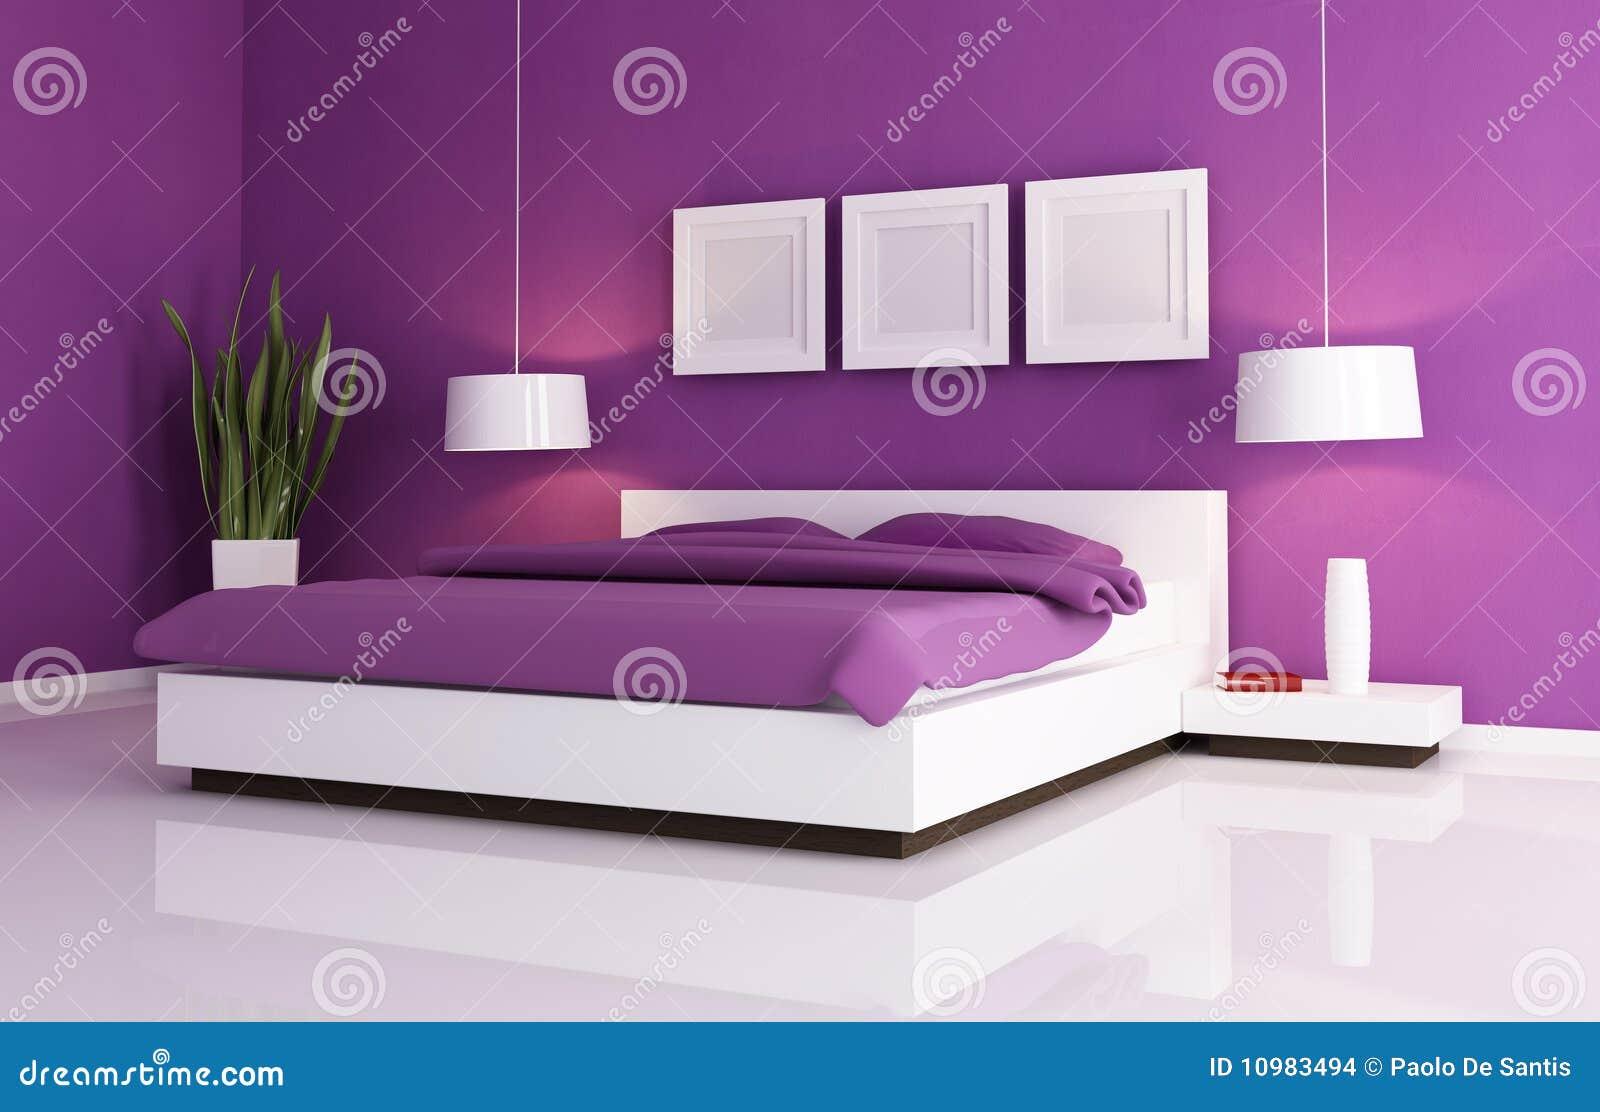 Camera da letto viola e bianca immagini stock immagine 10983494 - Camera da letto nera e bianca ...